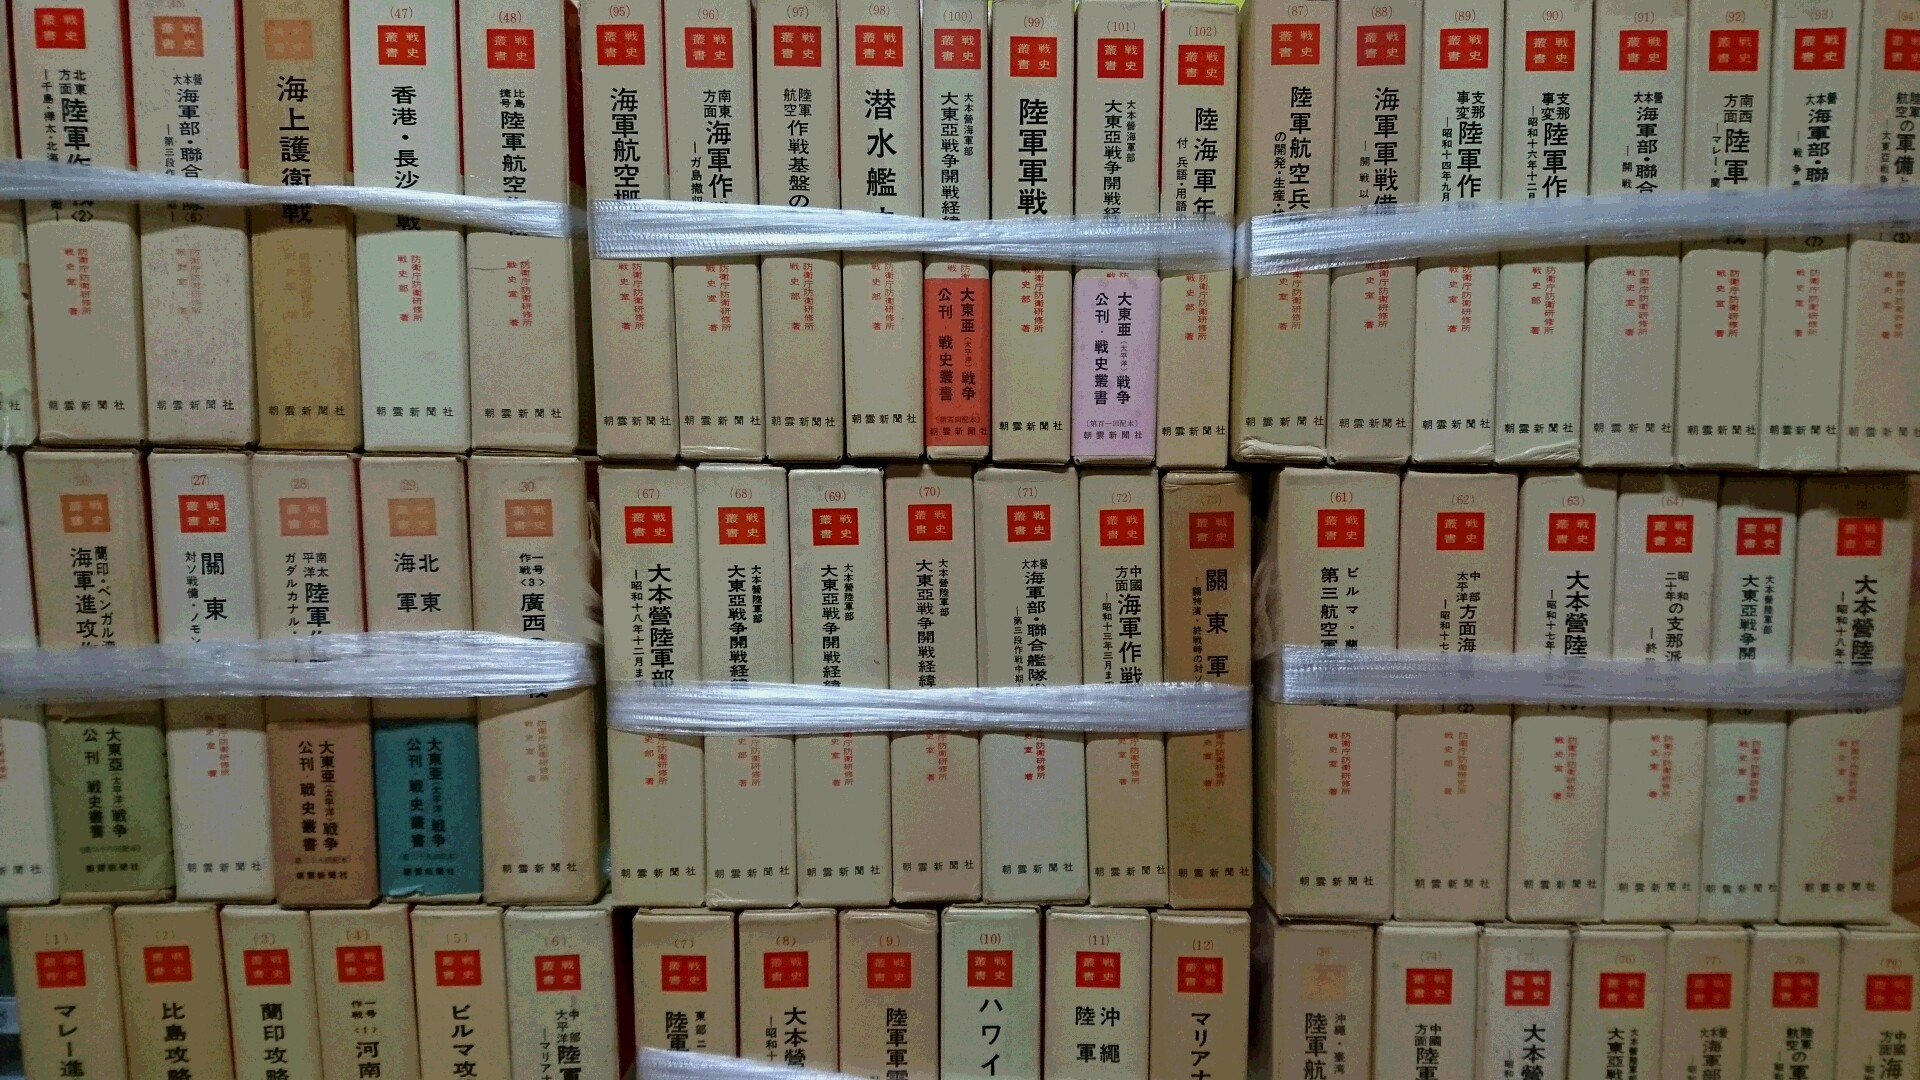 戦史叢書全102巻 入荷しました。 戦記・戦争関連の書籍買取致します。